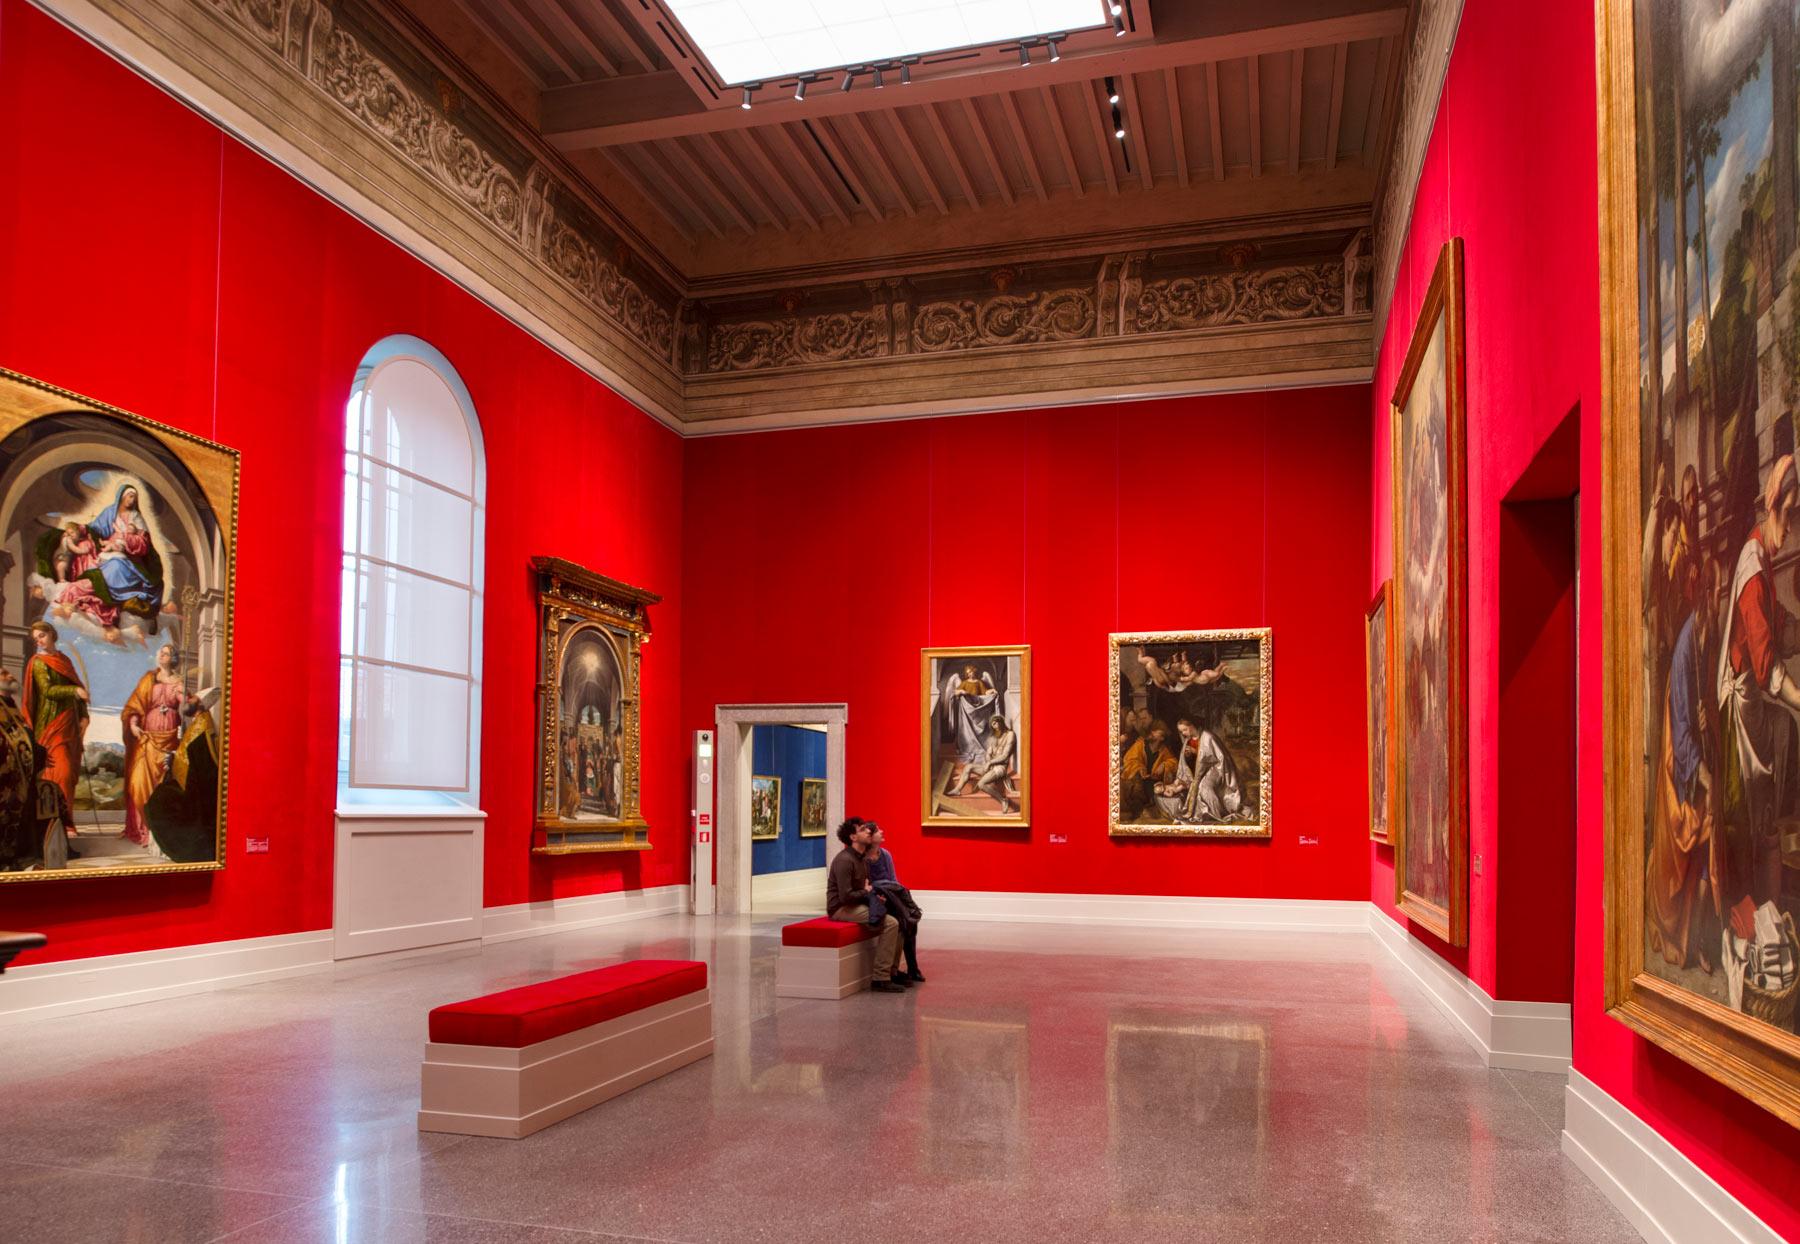 Bozza dpcm Natale, prevale linea rigorista: probabile chiusura musei fino al 15 gennaio